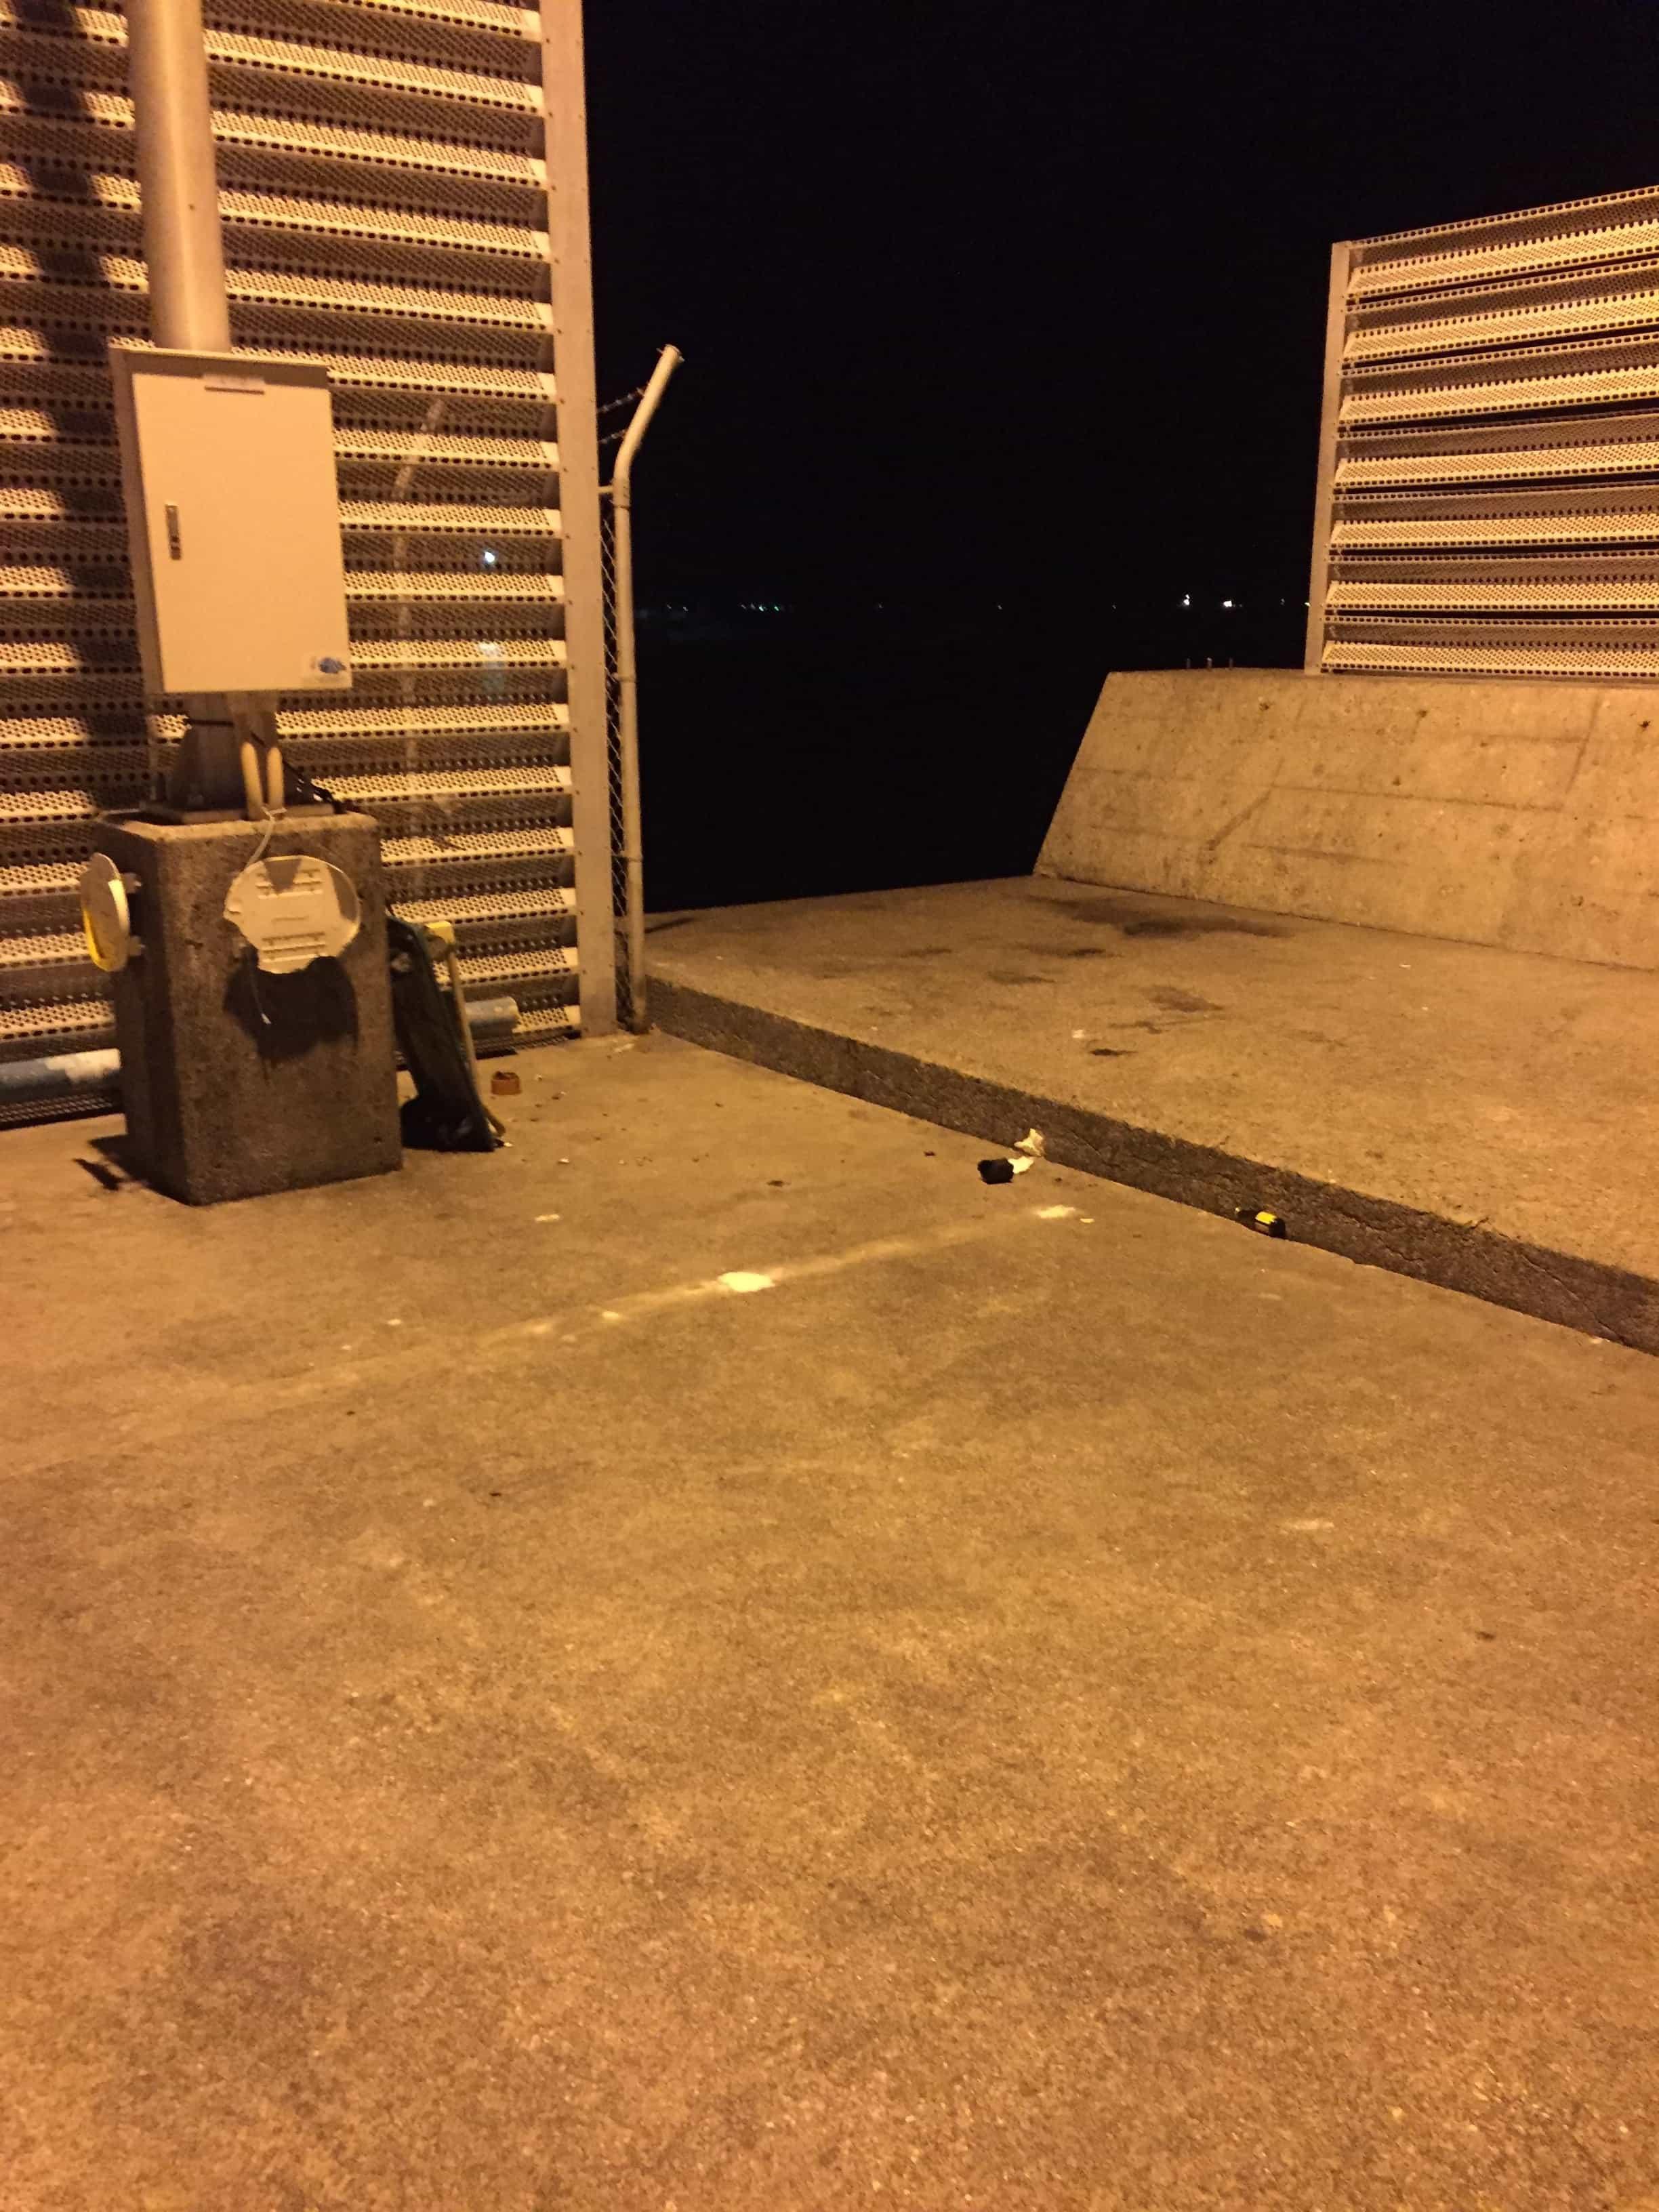 串本漁港の釣り場紹介(和歌山県串本)常夜灯でナイトエギング